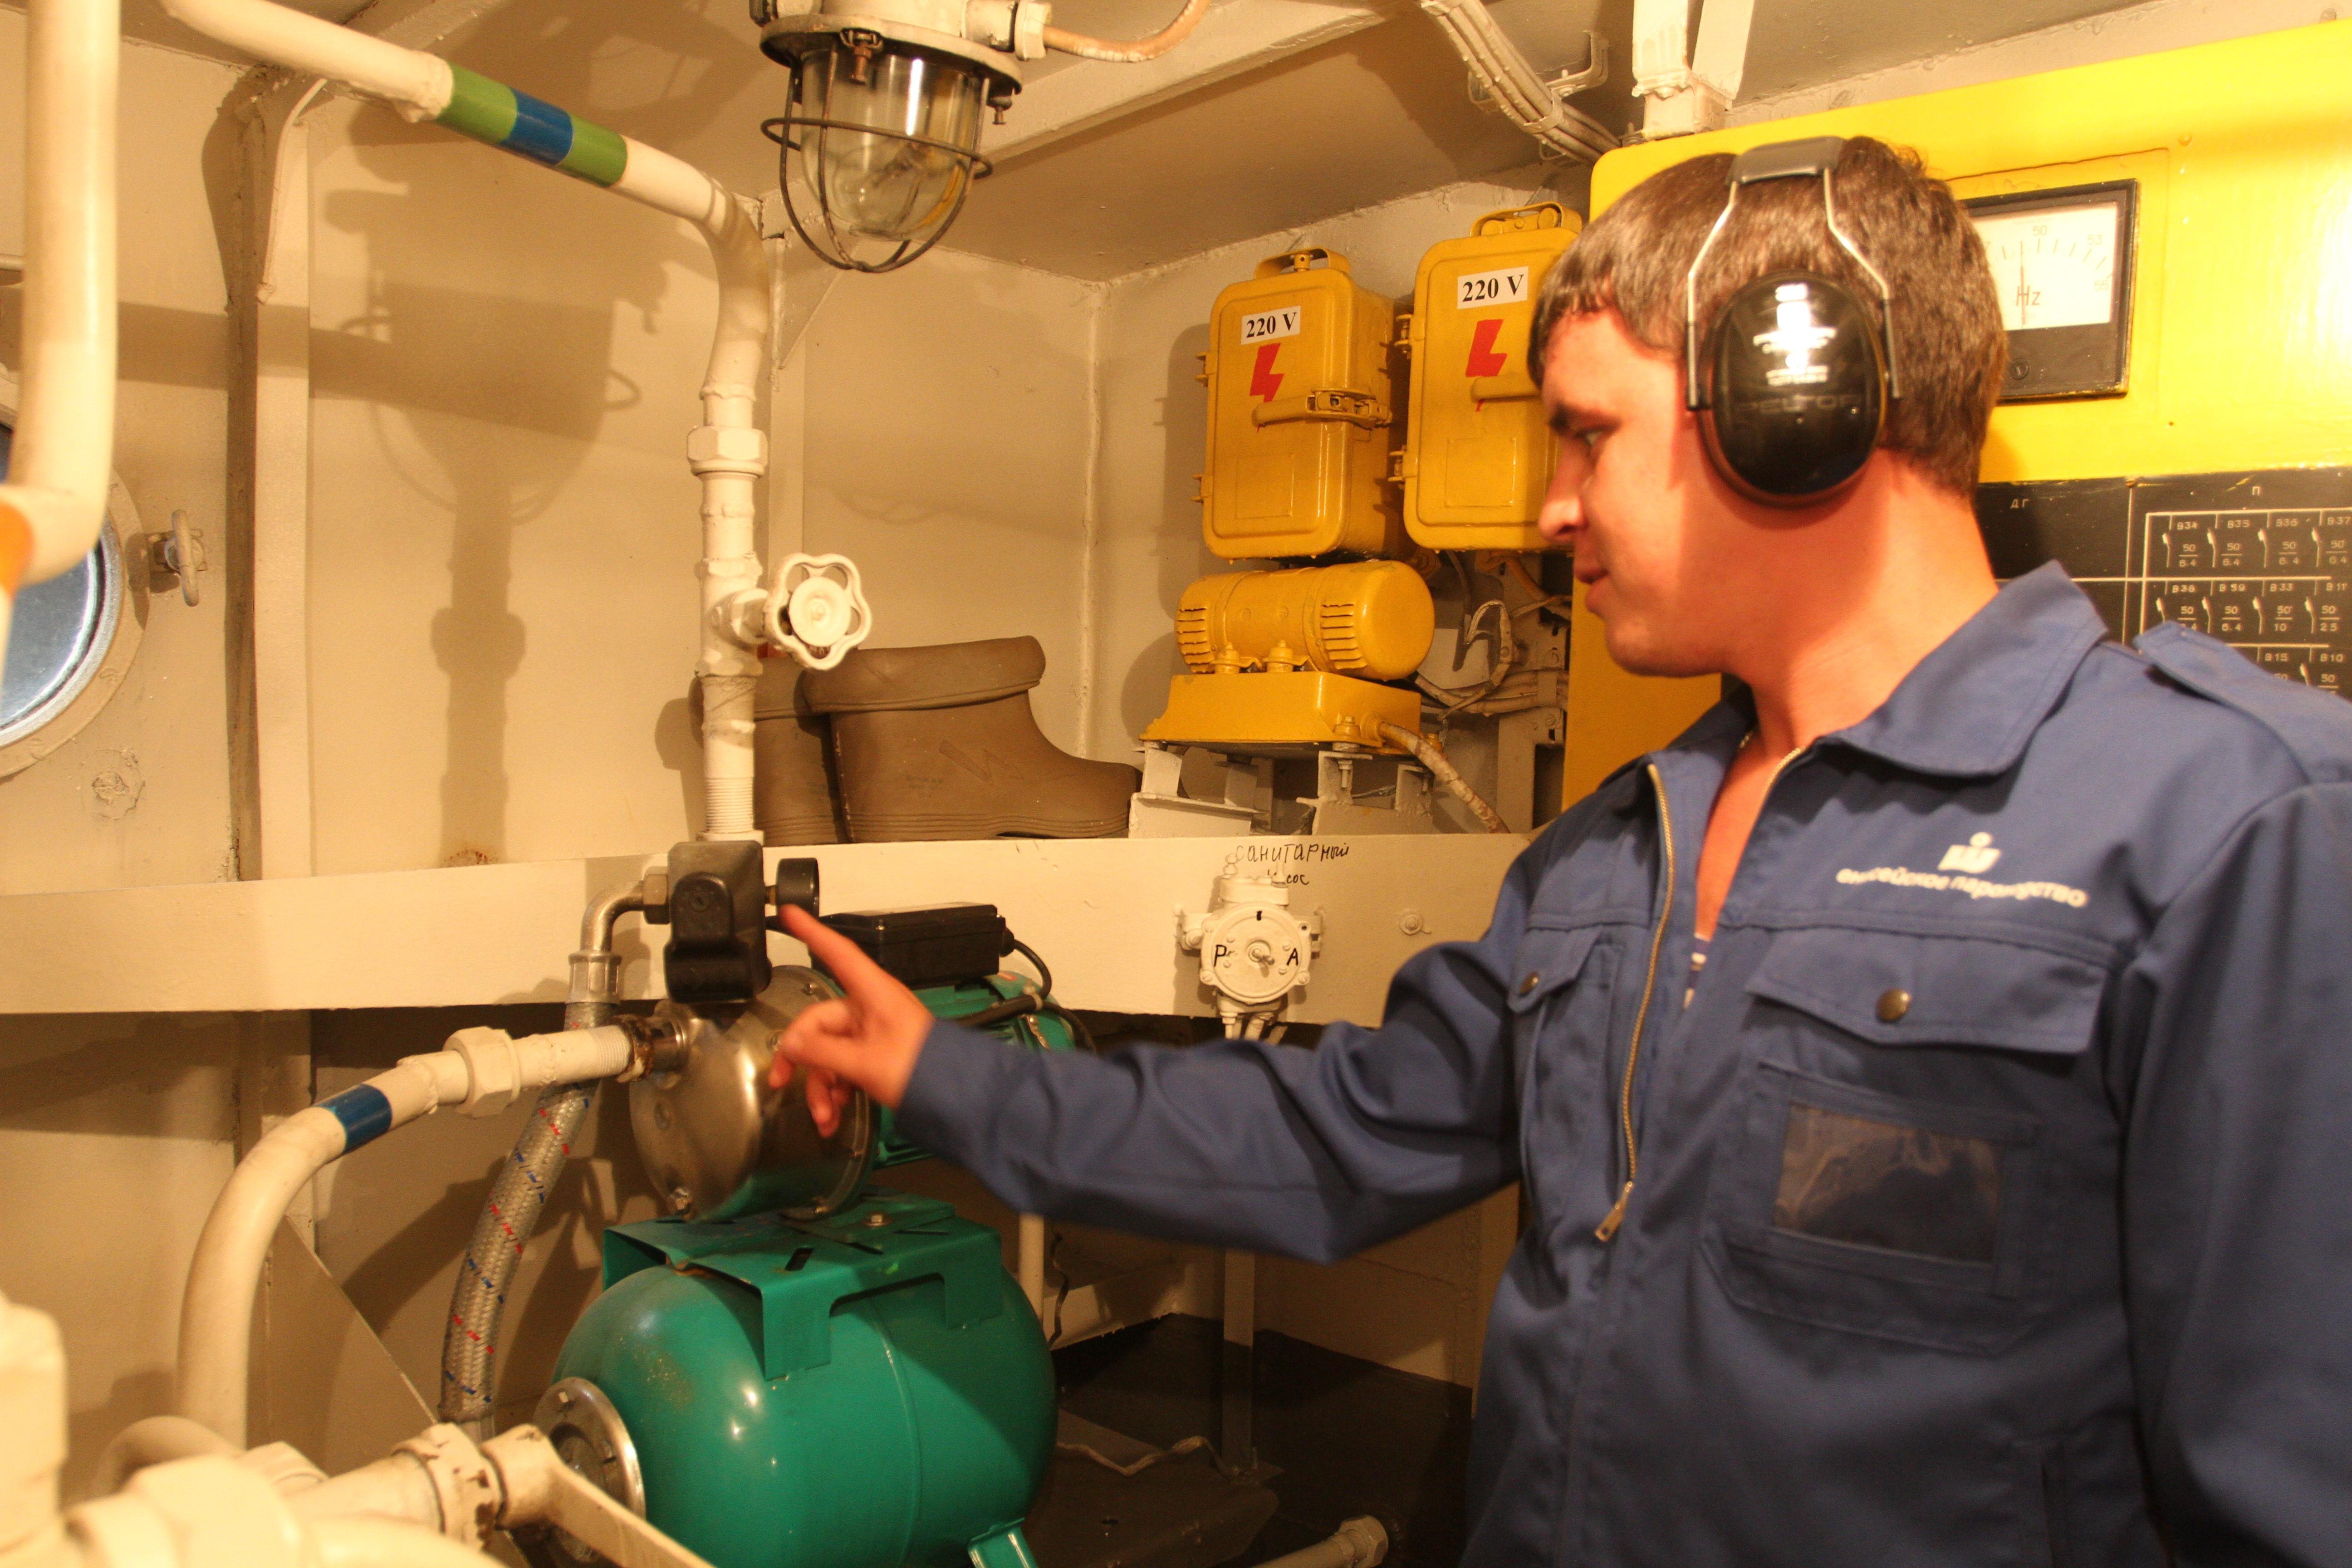 Енисейское пароходство инспектирует свой флот